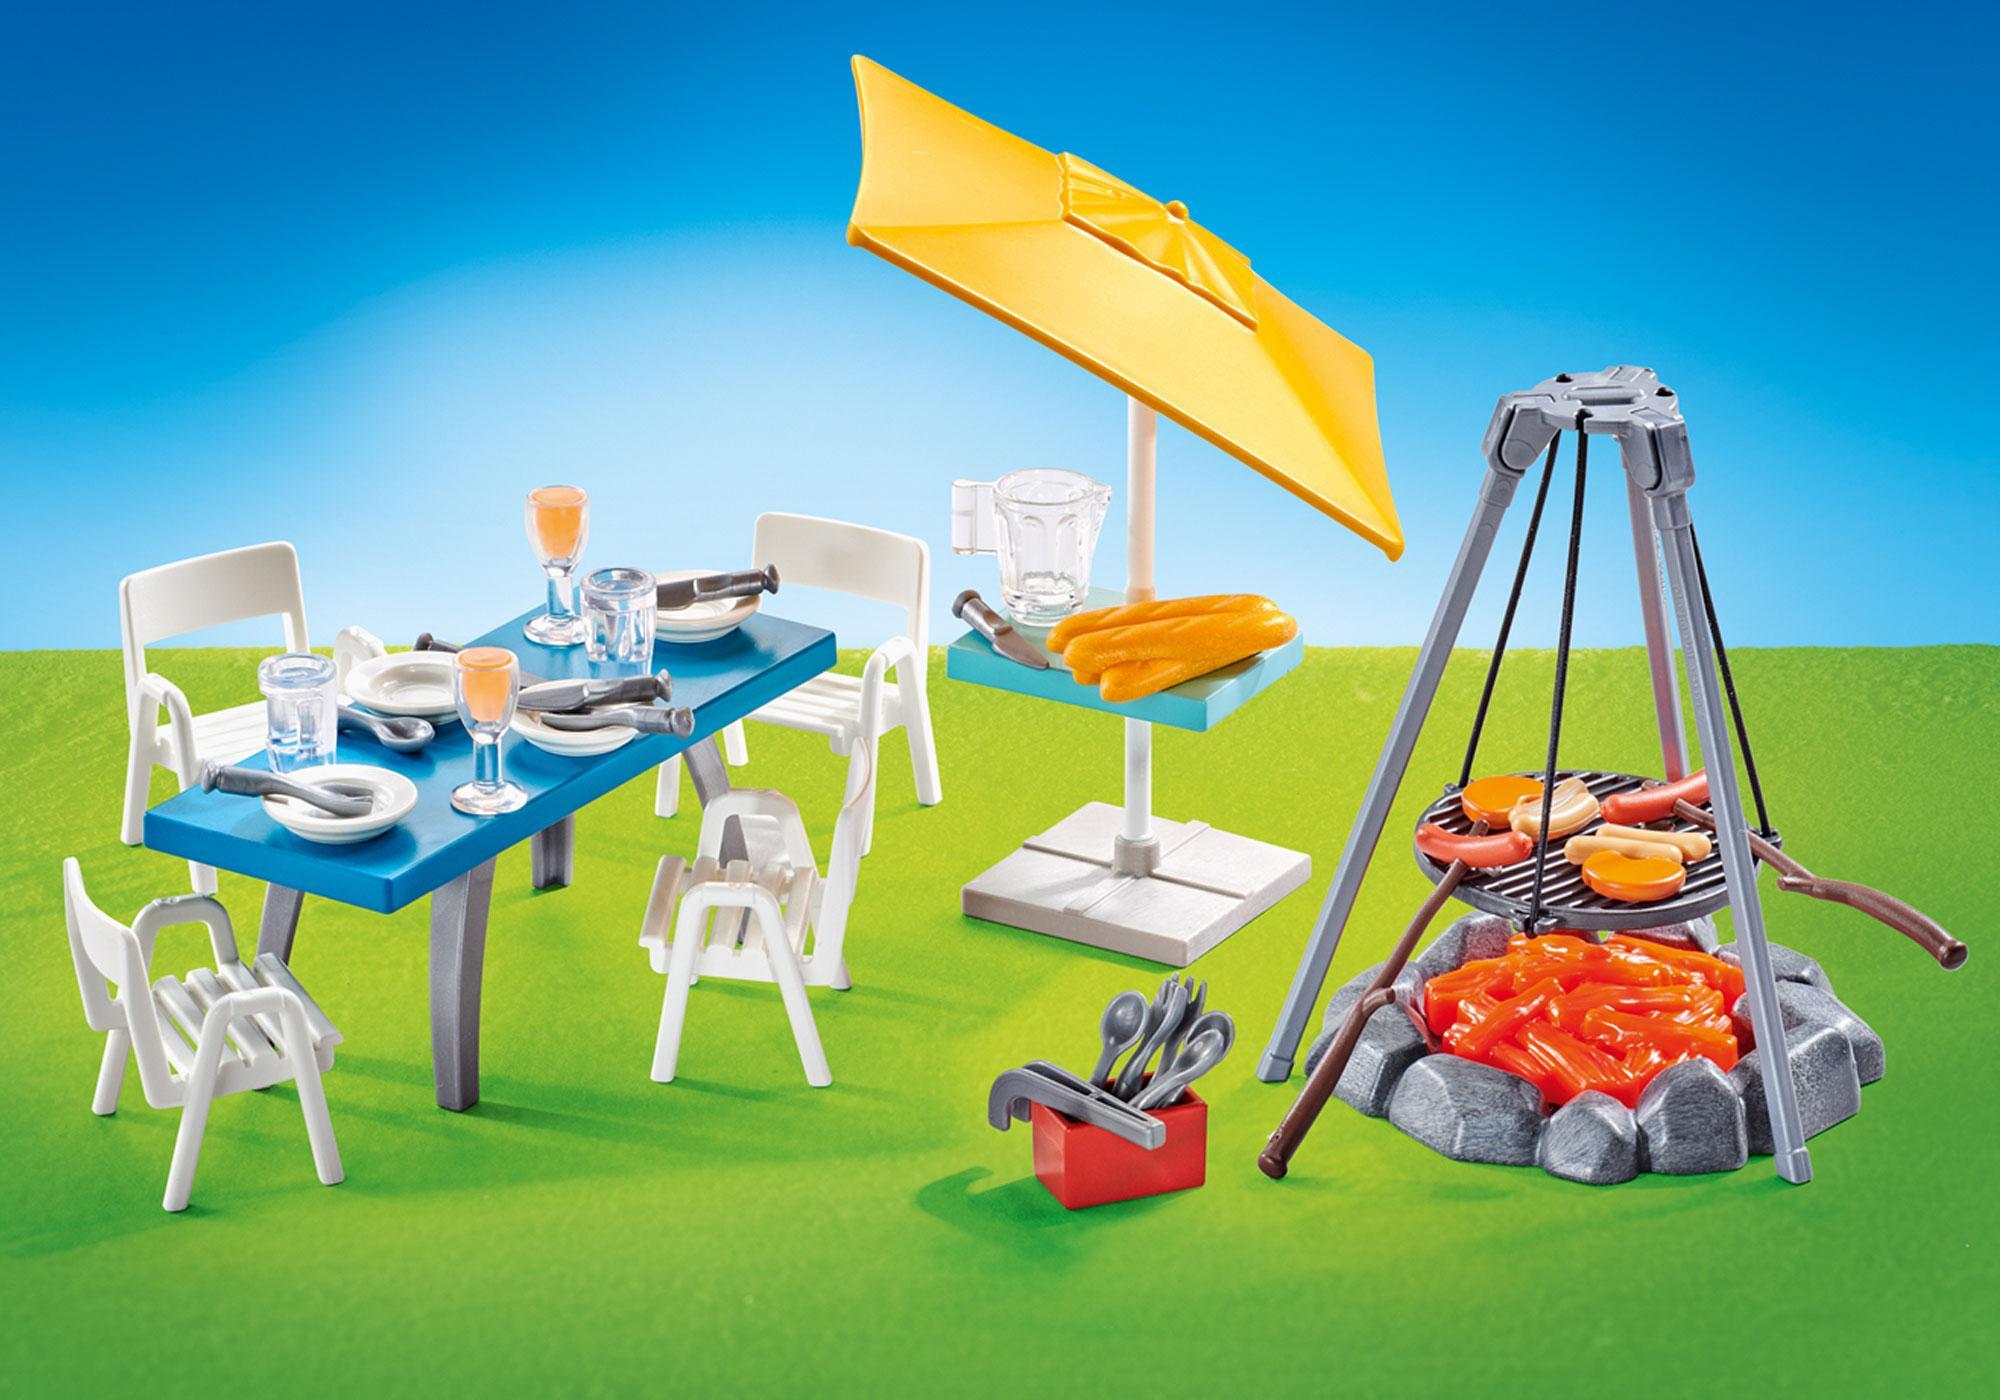 http://media.playmobil.com/i/playmobil/9818_product_detail/Churrasqueira com mesa, cadeiras e chapéu de sol